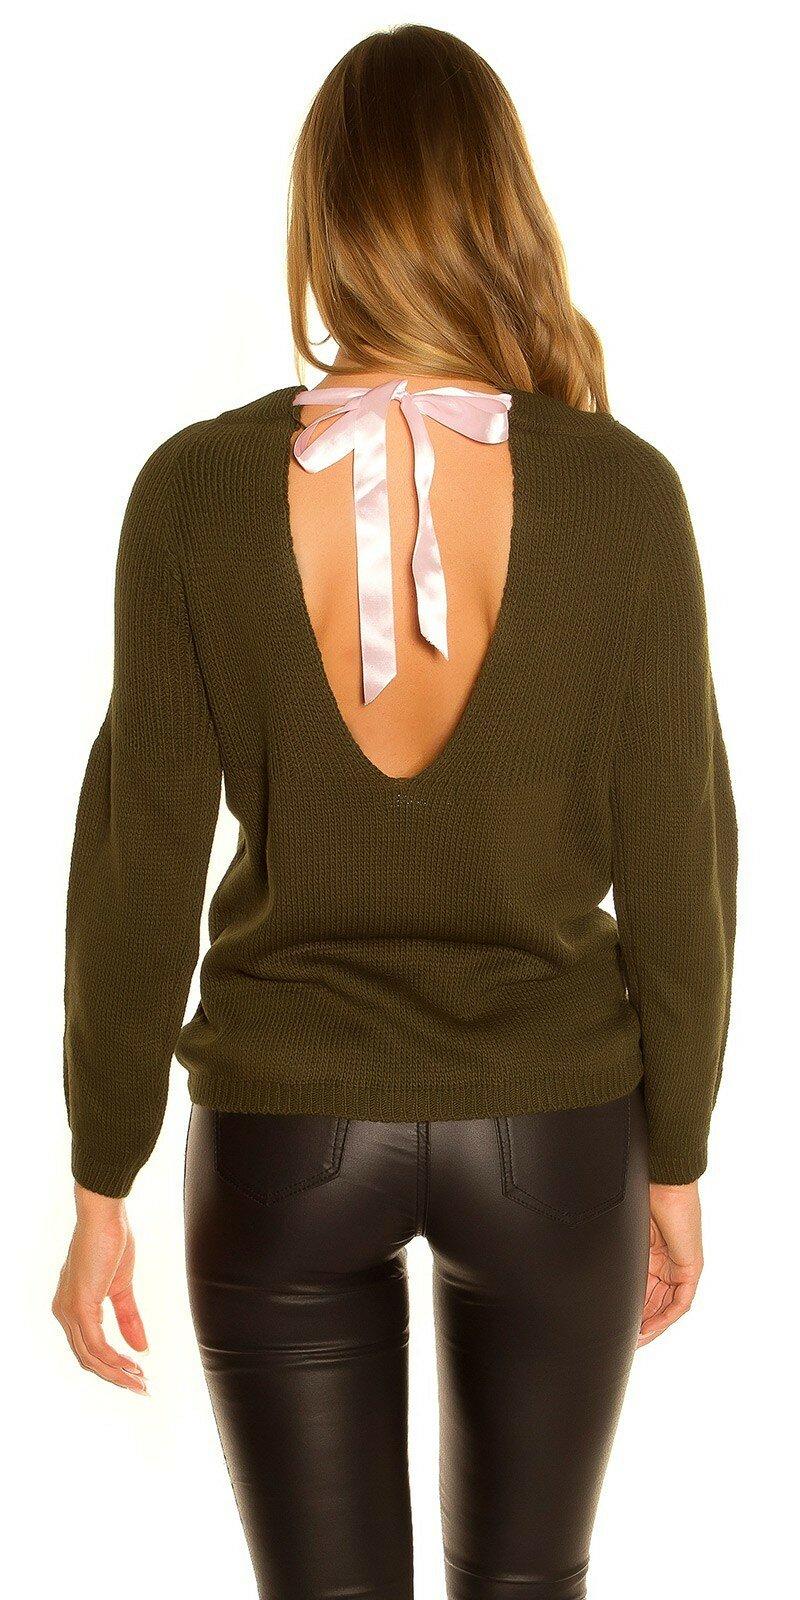 043d01d1101a KouCla pletený sveter so stuhovou mašľou - NajlepsiaModa.sk